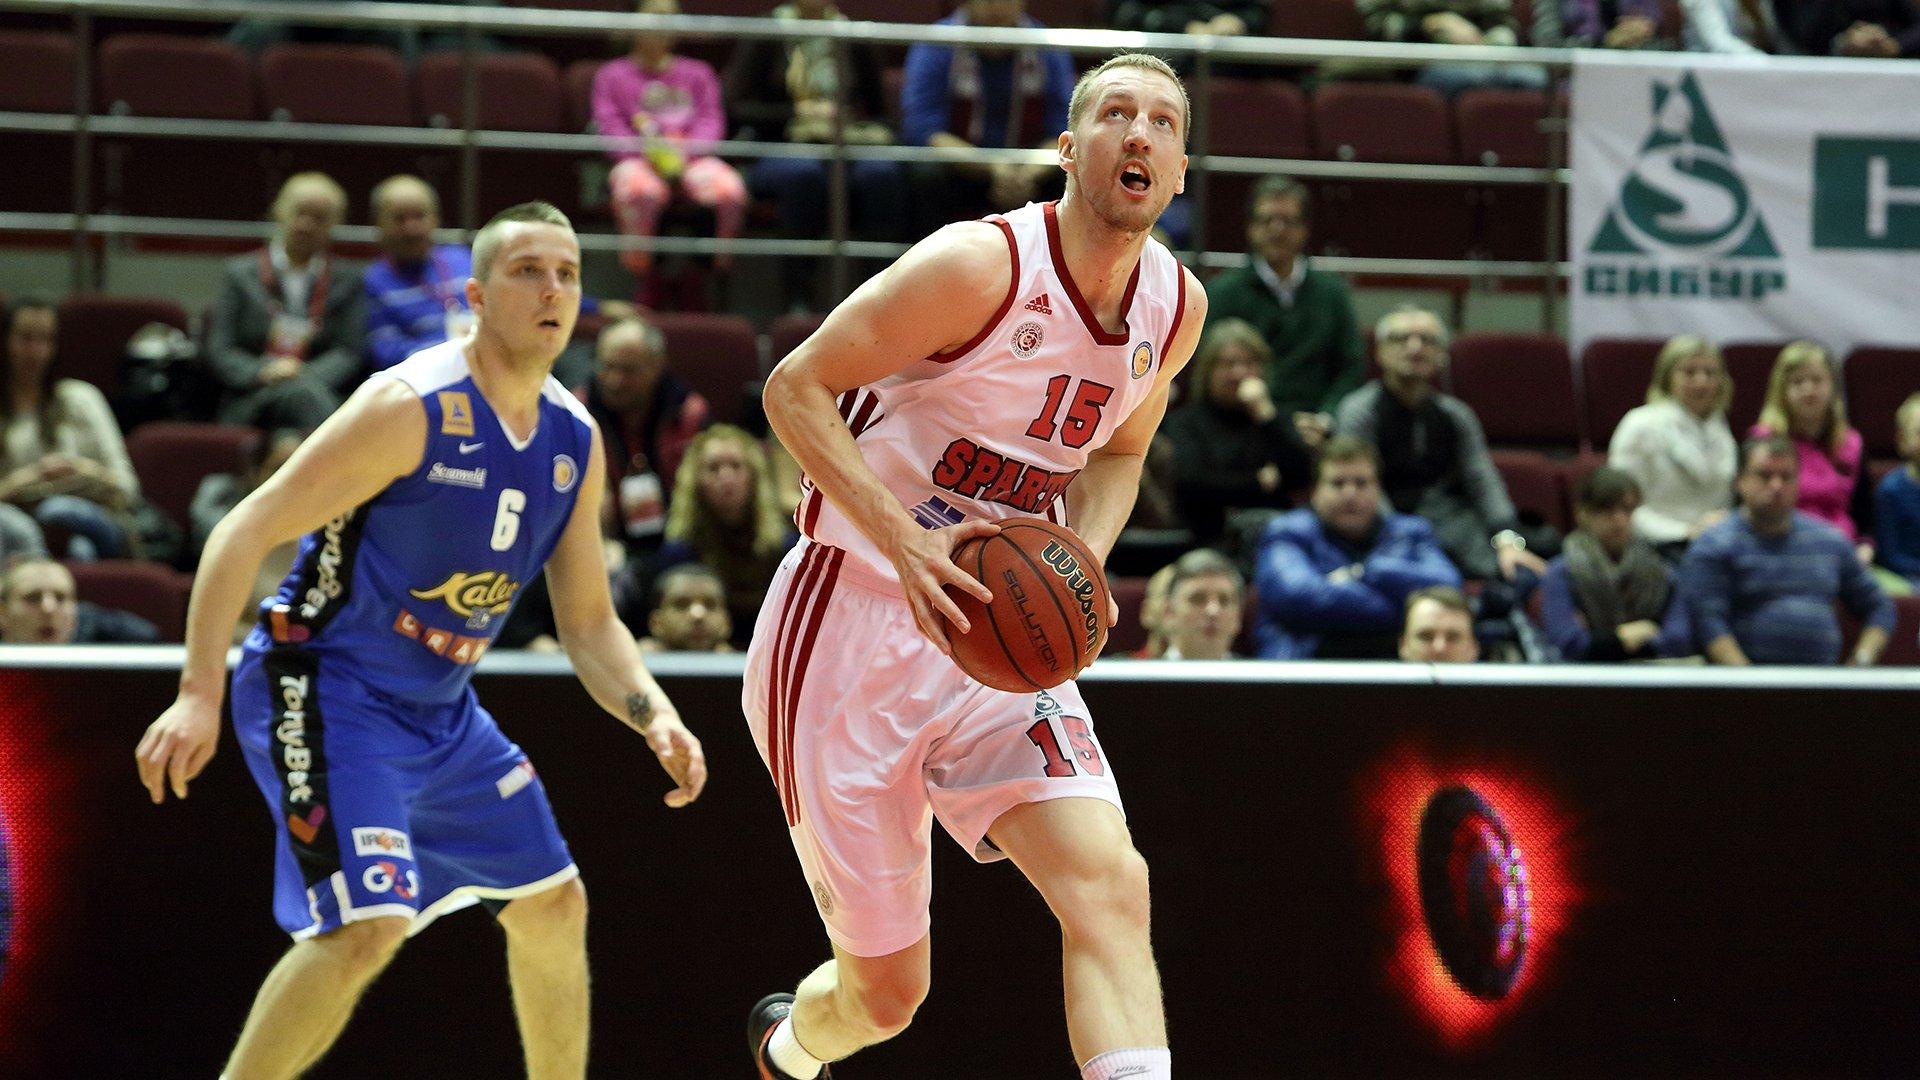 Лучшие баскетбольные клубы москвы фитнес клуб москва телефон